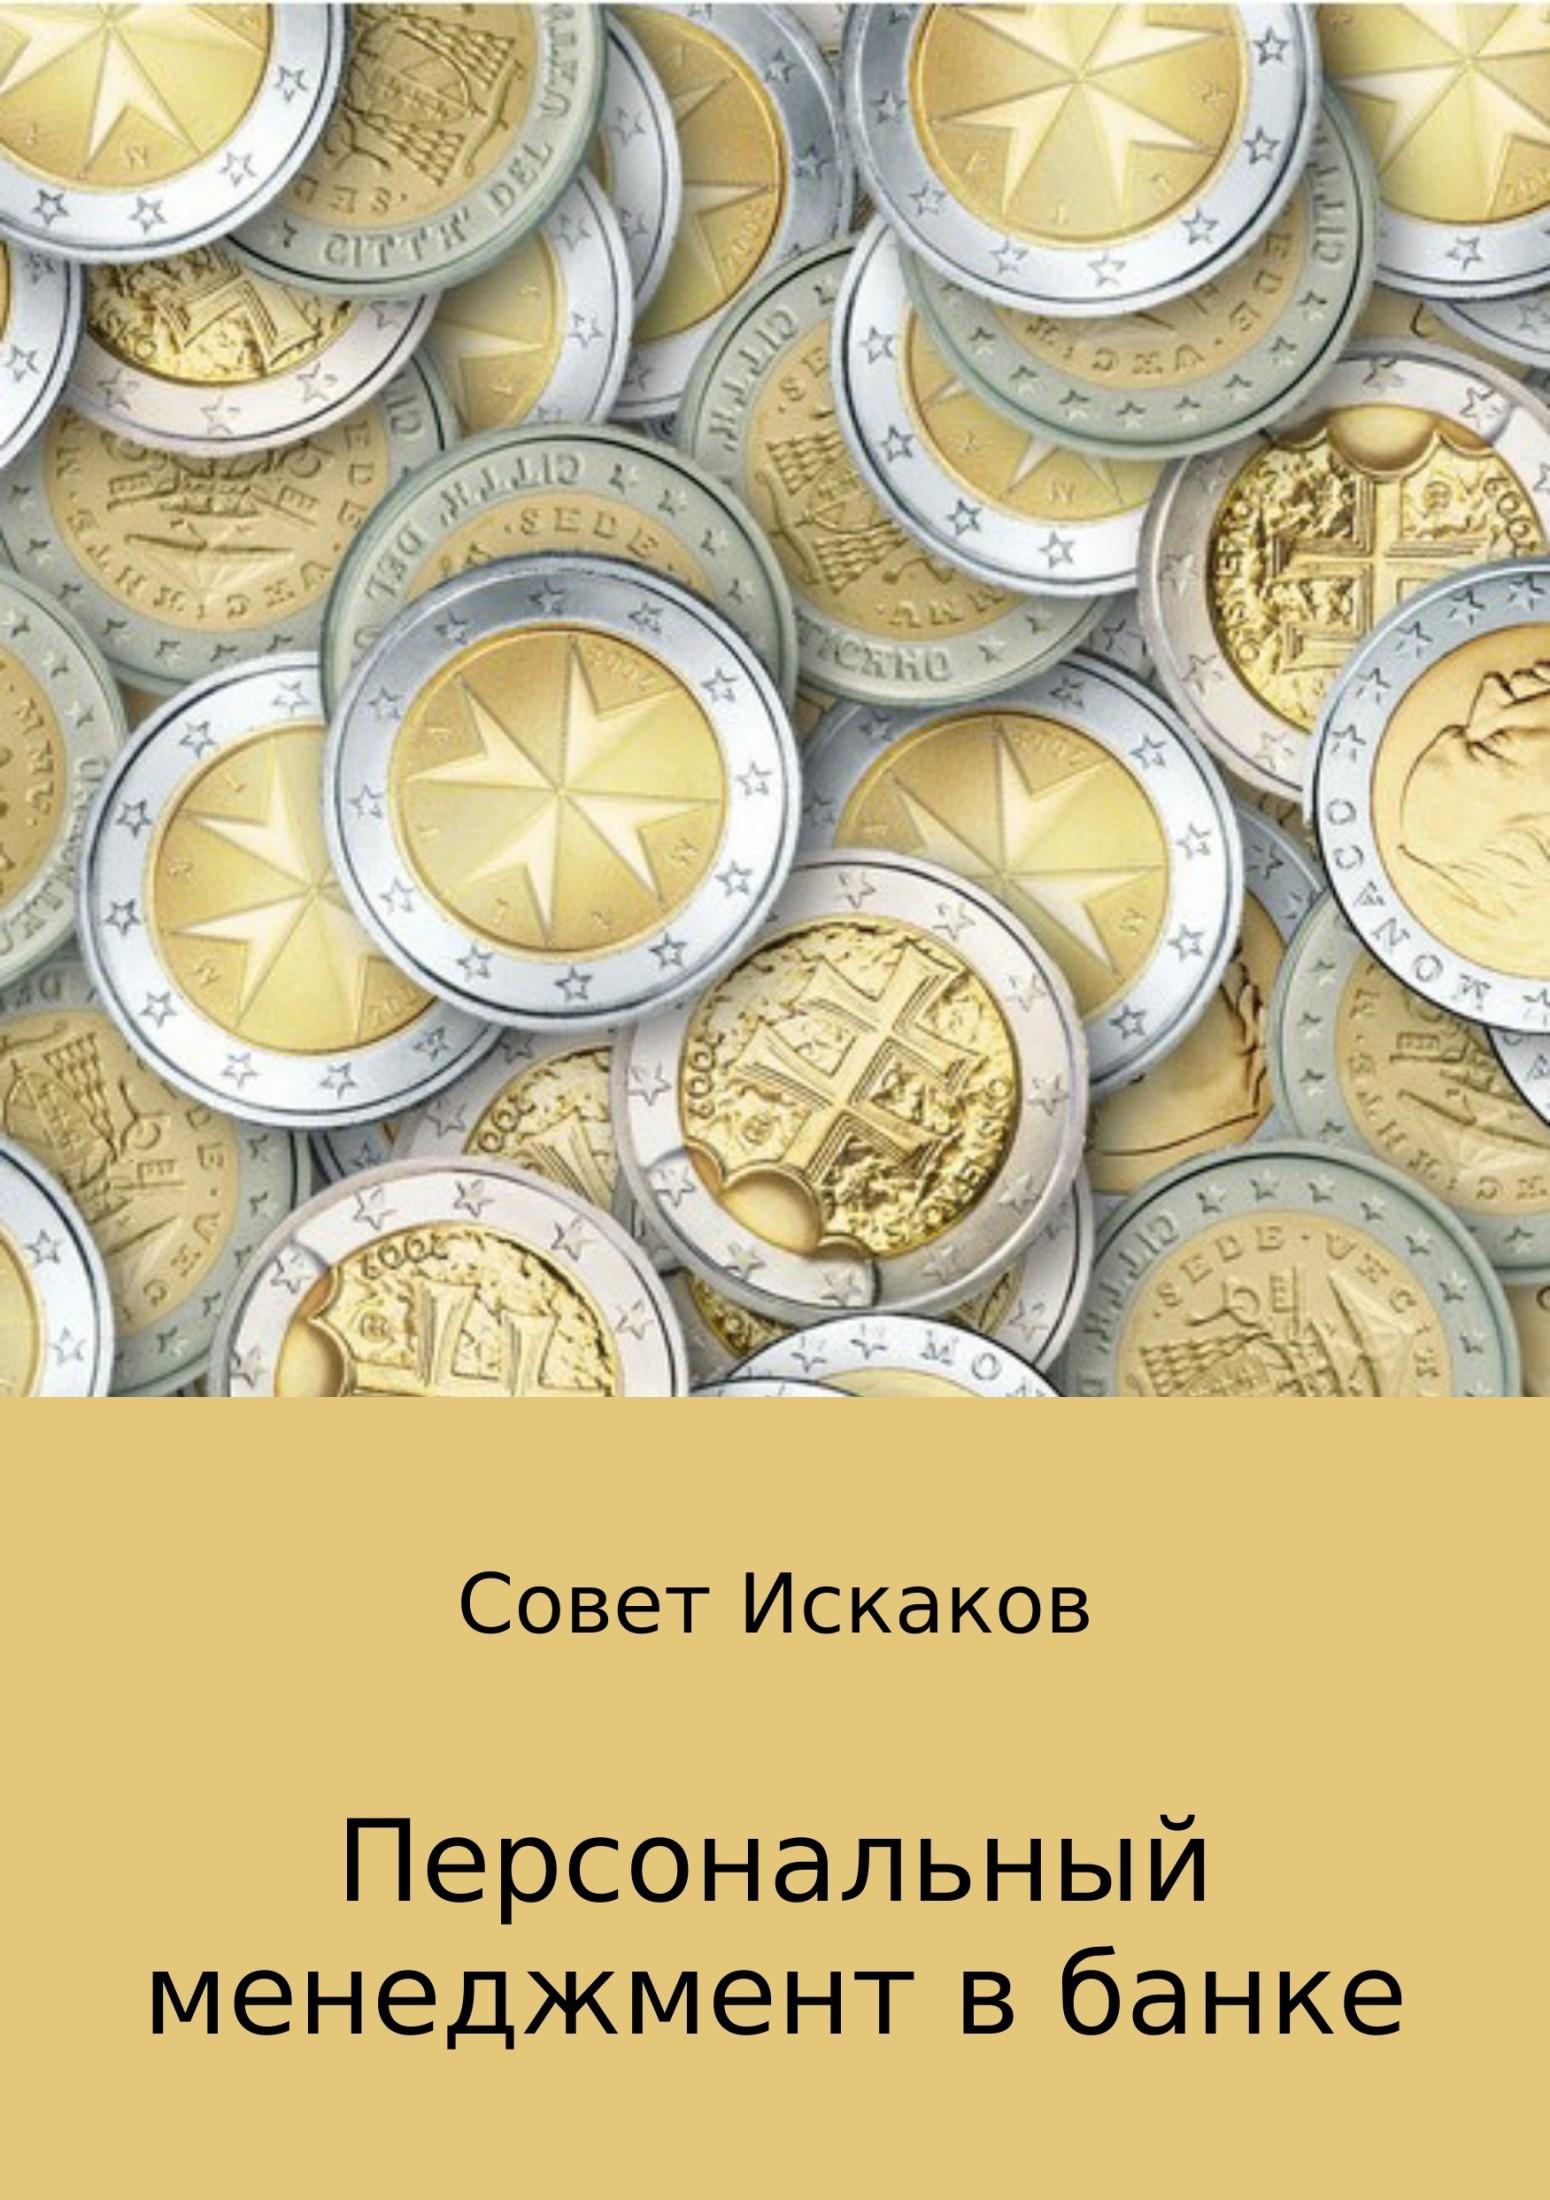 Обложка книги Персональный менеджмент в банке